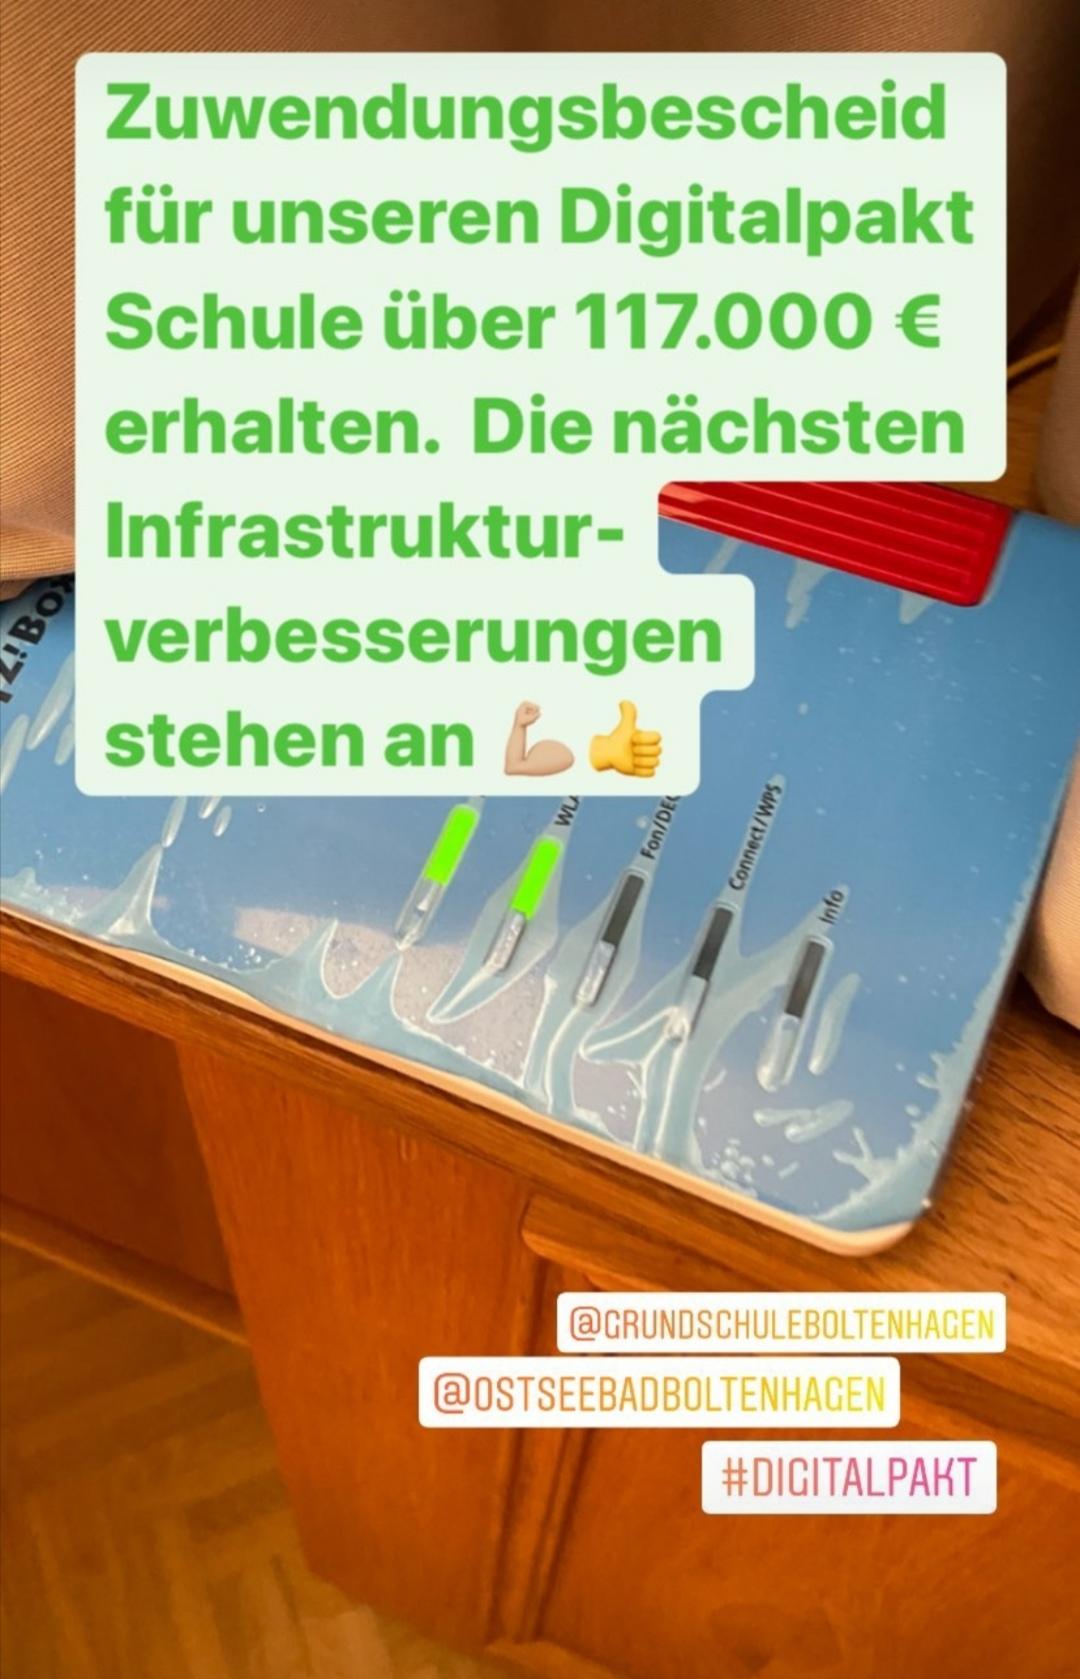 Digitalpakt Schule erhält einen Zuwendungsbescheid über 117.000€